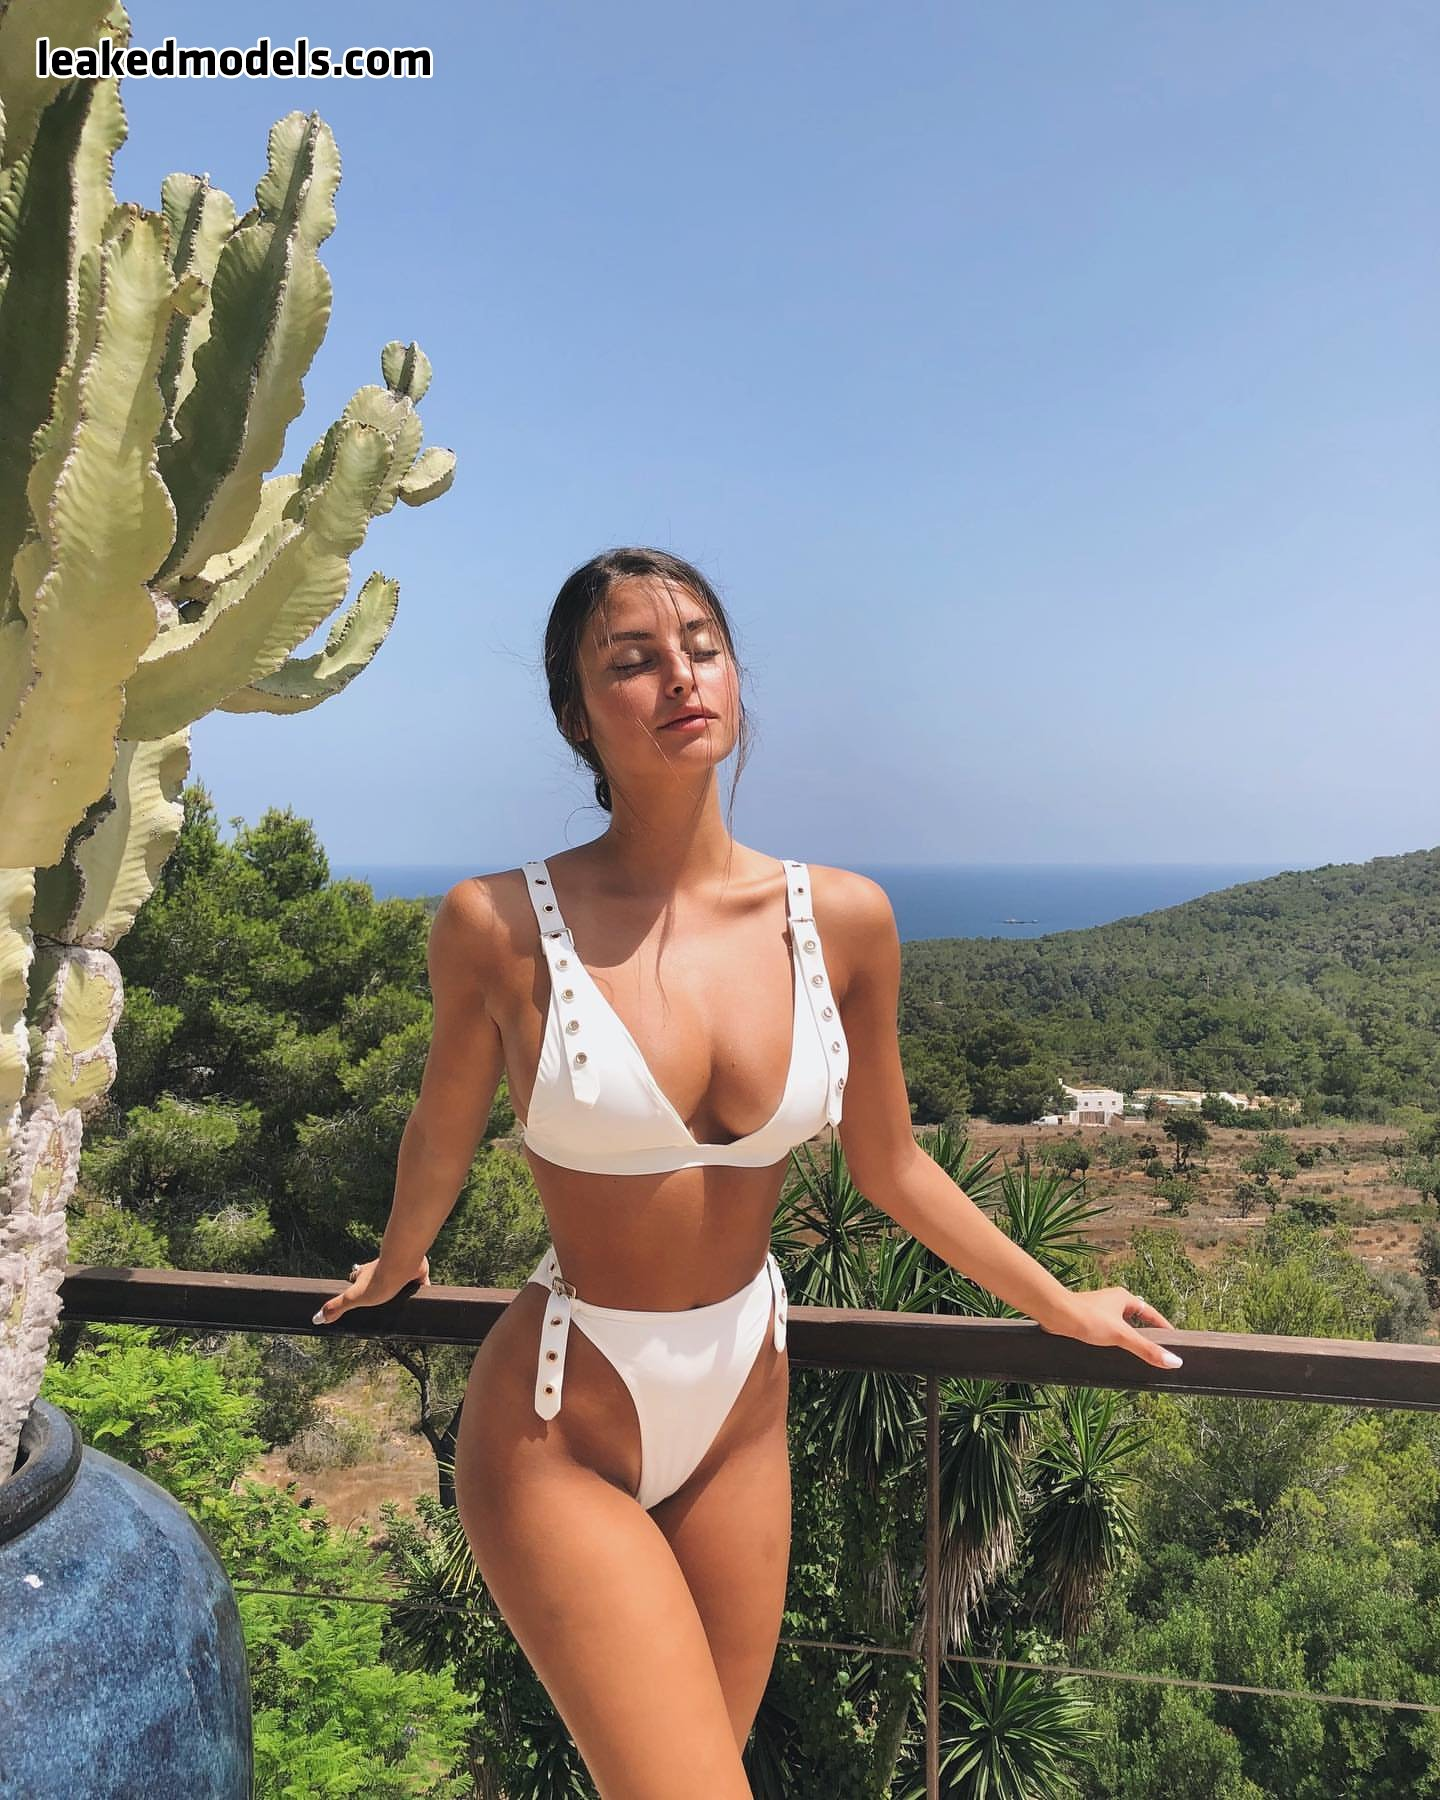 tal adar leaked nude leakedmodels.com 0006 - Tal Adar – _taladar Instagram Sexy Leaks (27 Photos)